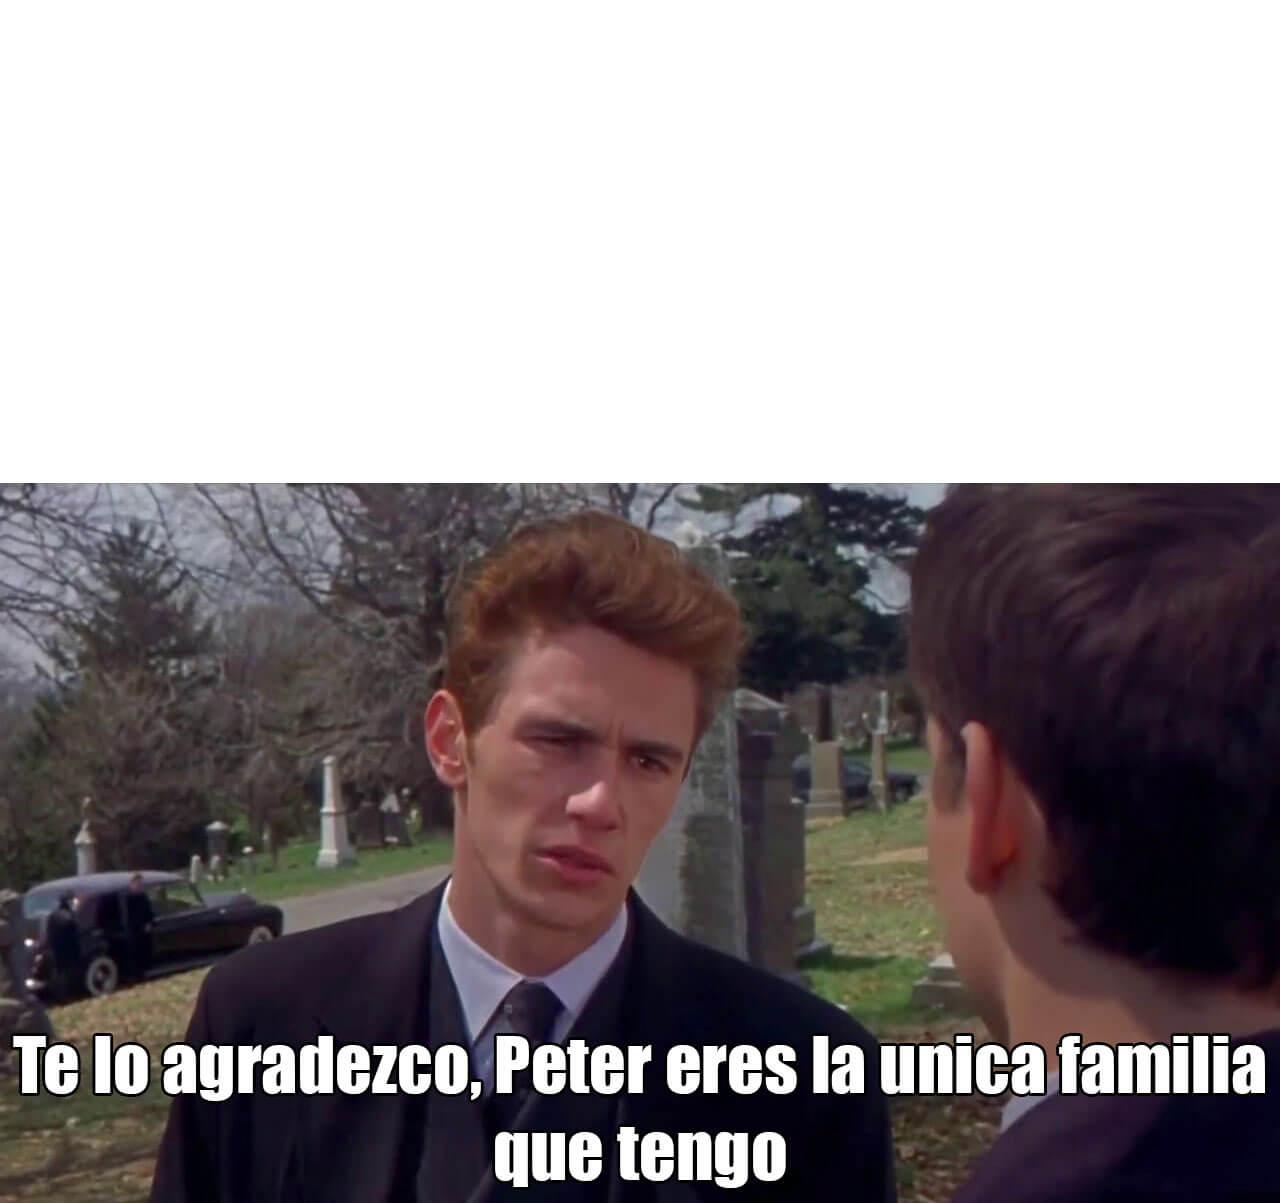 Ir a la pagina de la plantilla Te lo agradezco, Peter eres la única familia que tengo.